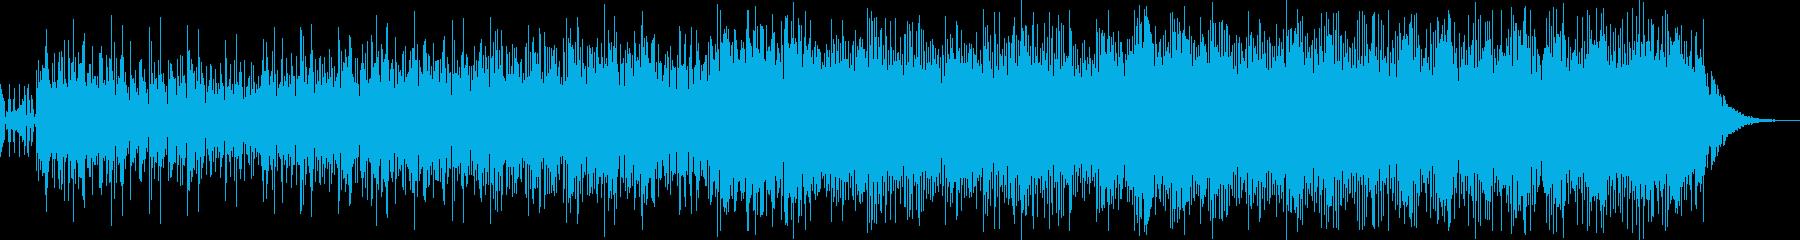 3分BGM ピアノと環境音の再生済みの波形